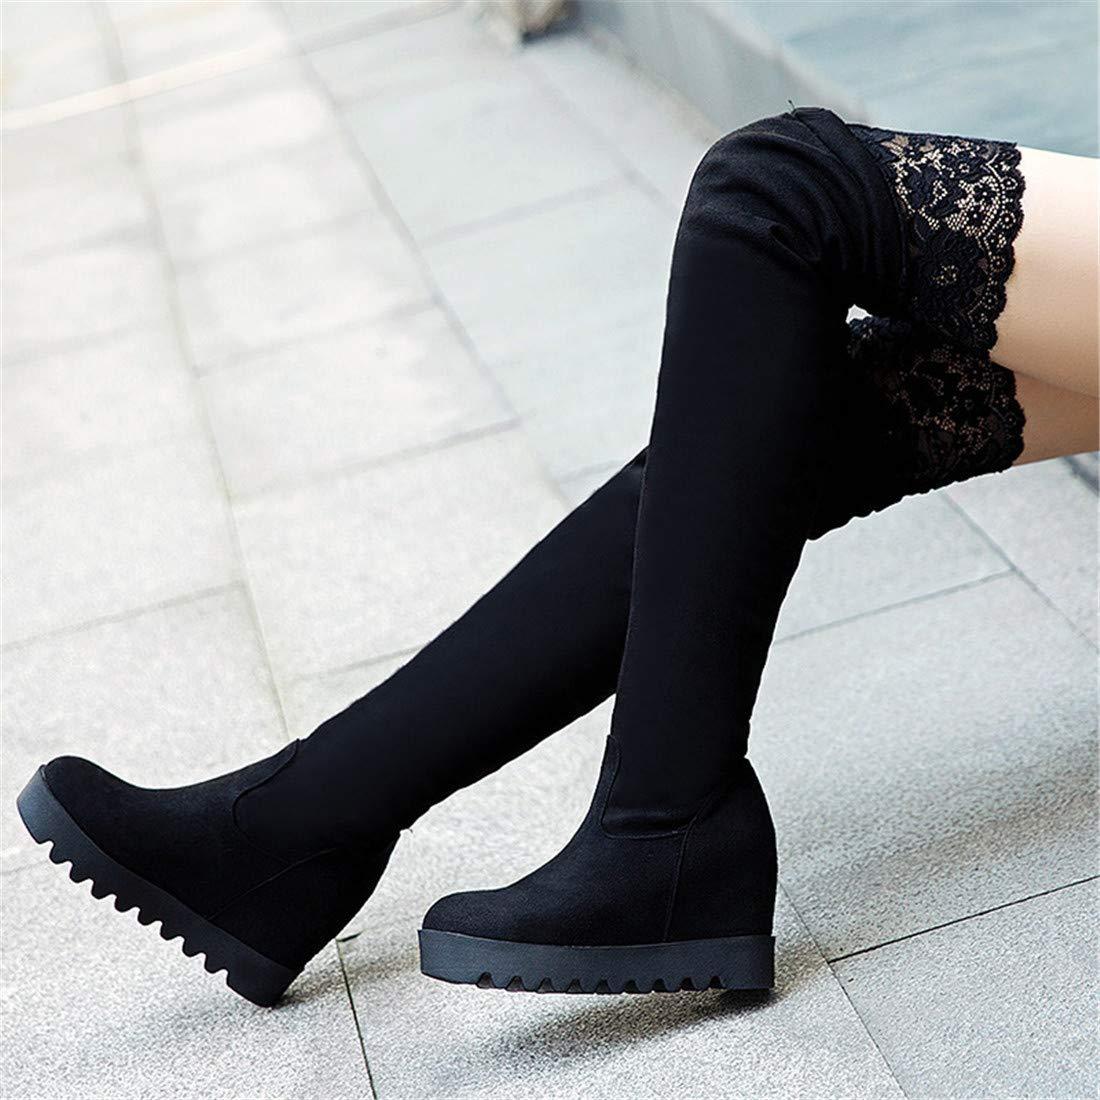 Stiefel-DEDE Stiefel & Stiefeletten, und Damenstiefel mit High Heels Herbst und Stiefeletten, WintermodeStiefel über dem Knie groß 48af61